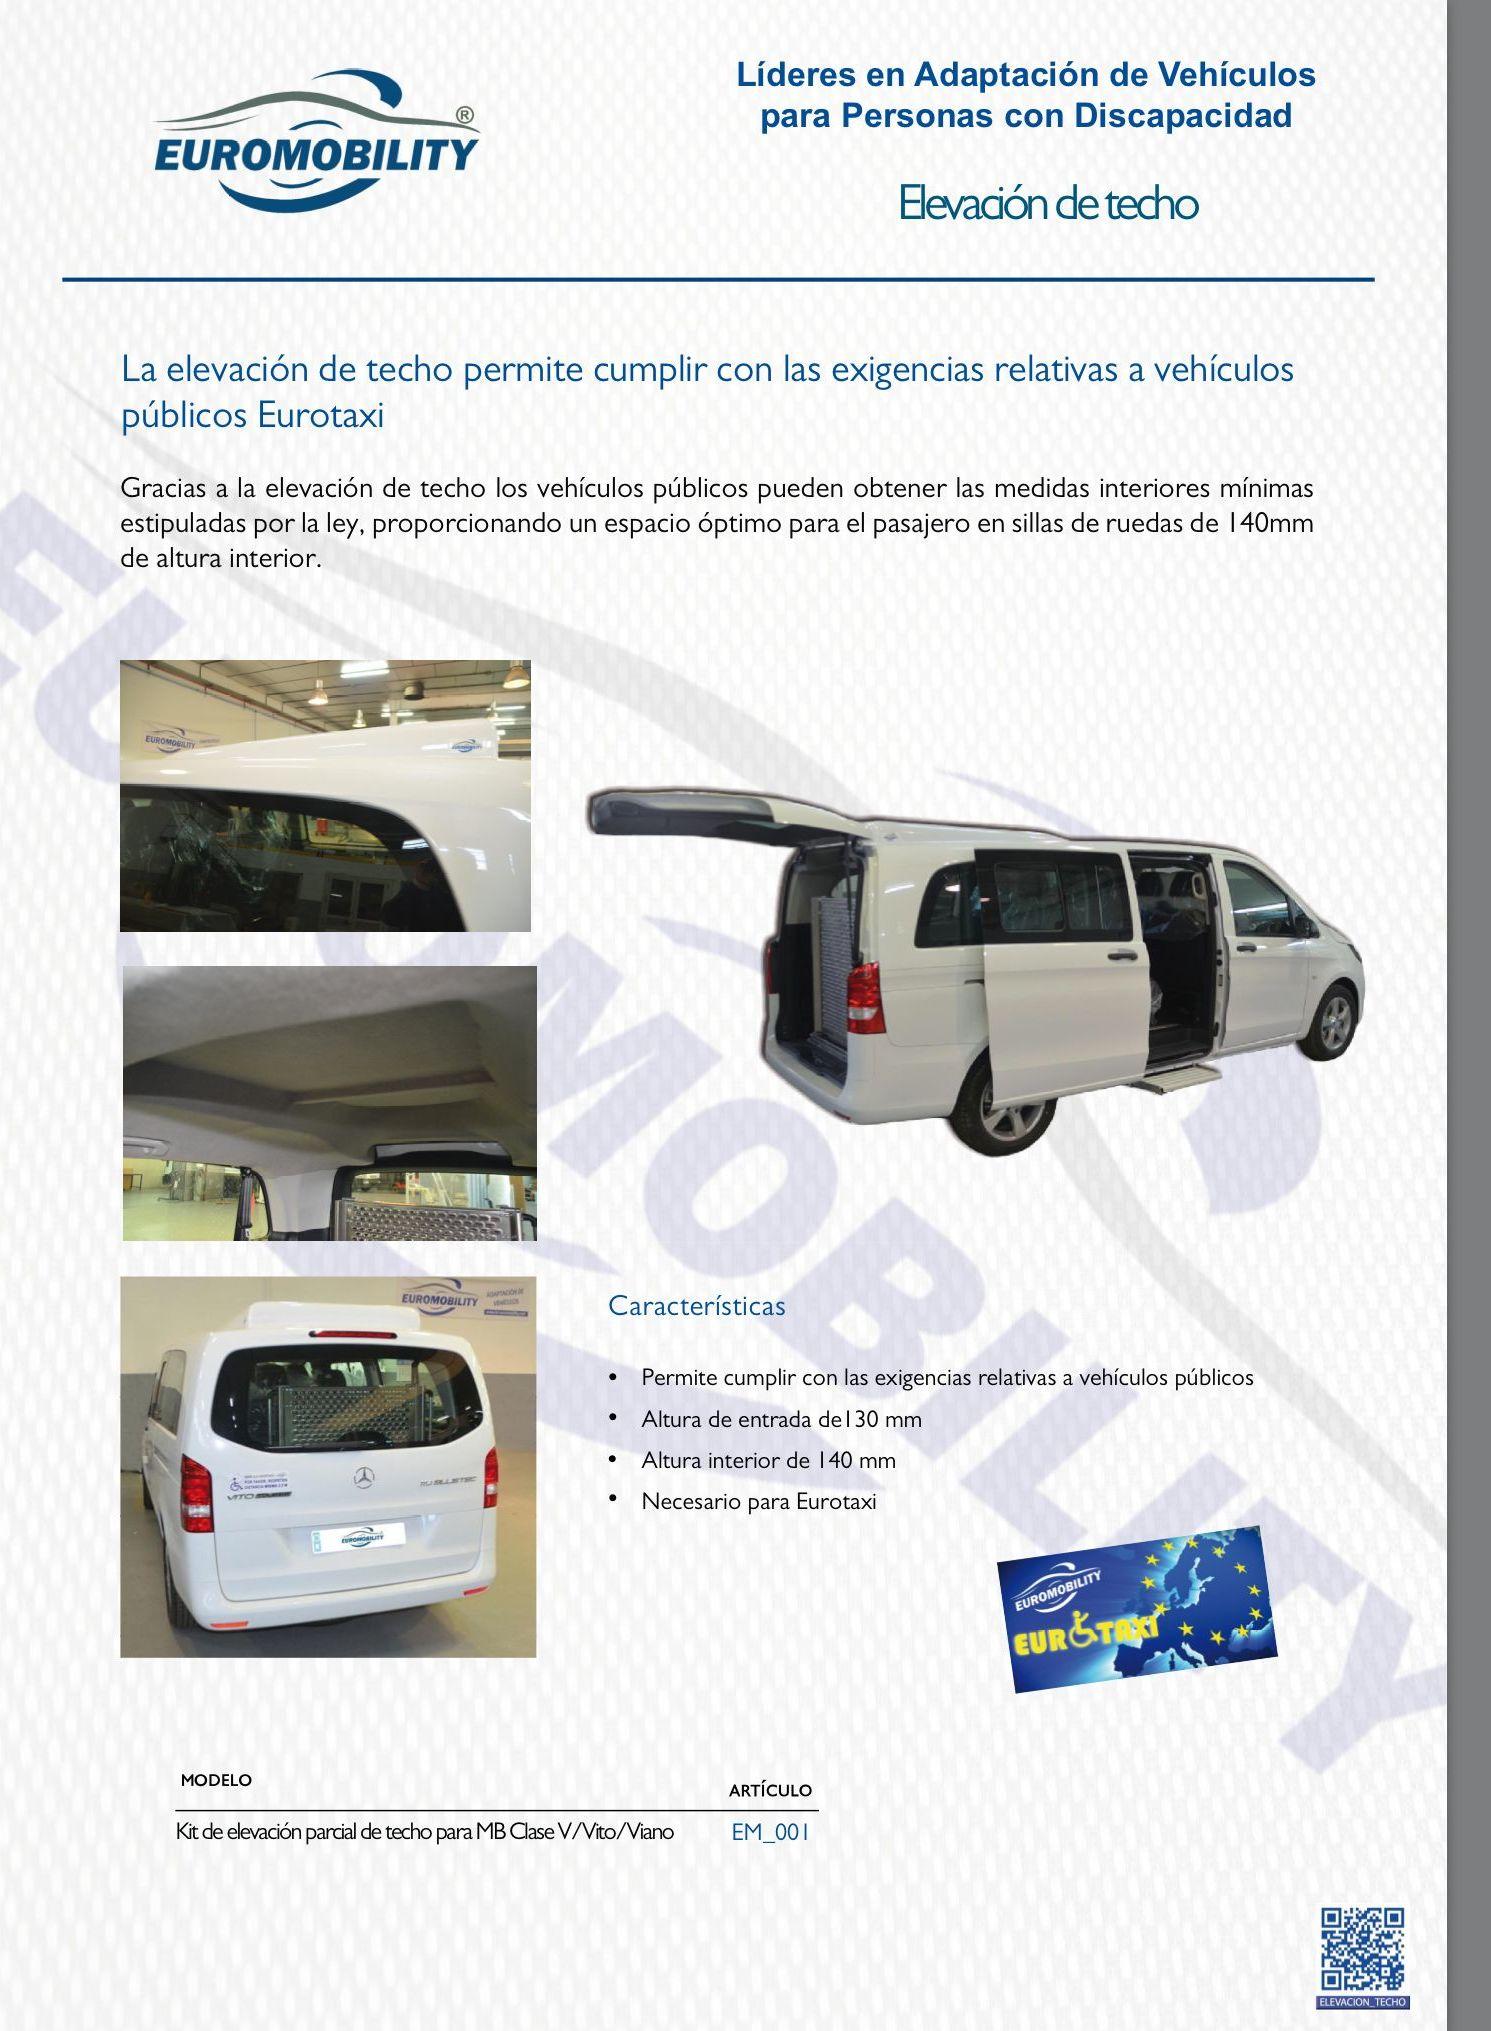 Elevación de techo Mercedes Clase V. Adaptación de Vehículos en Asturias